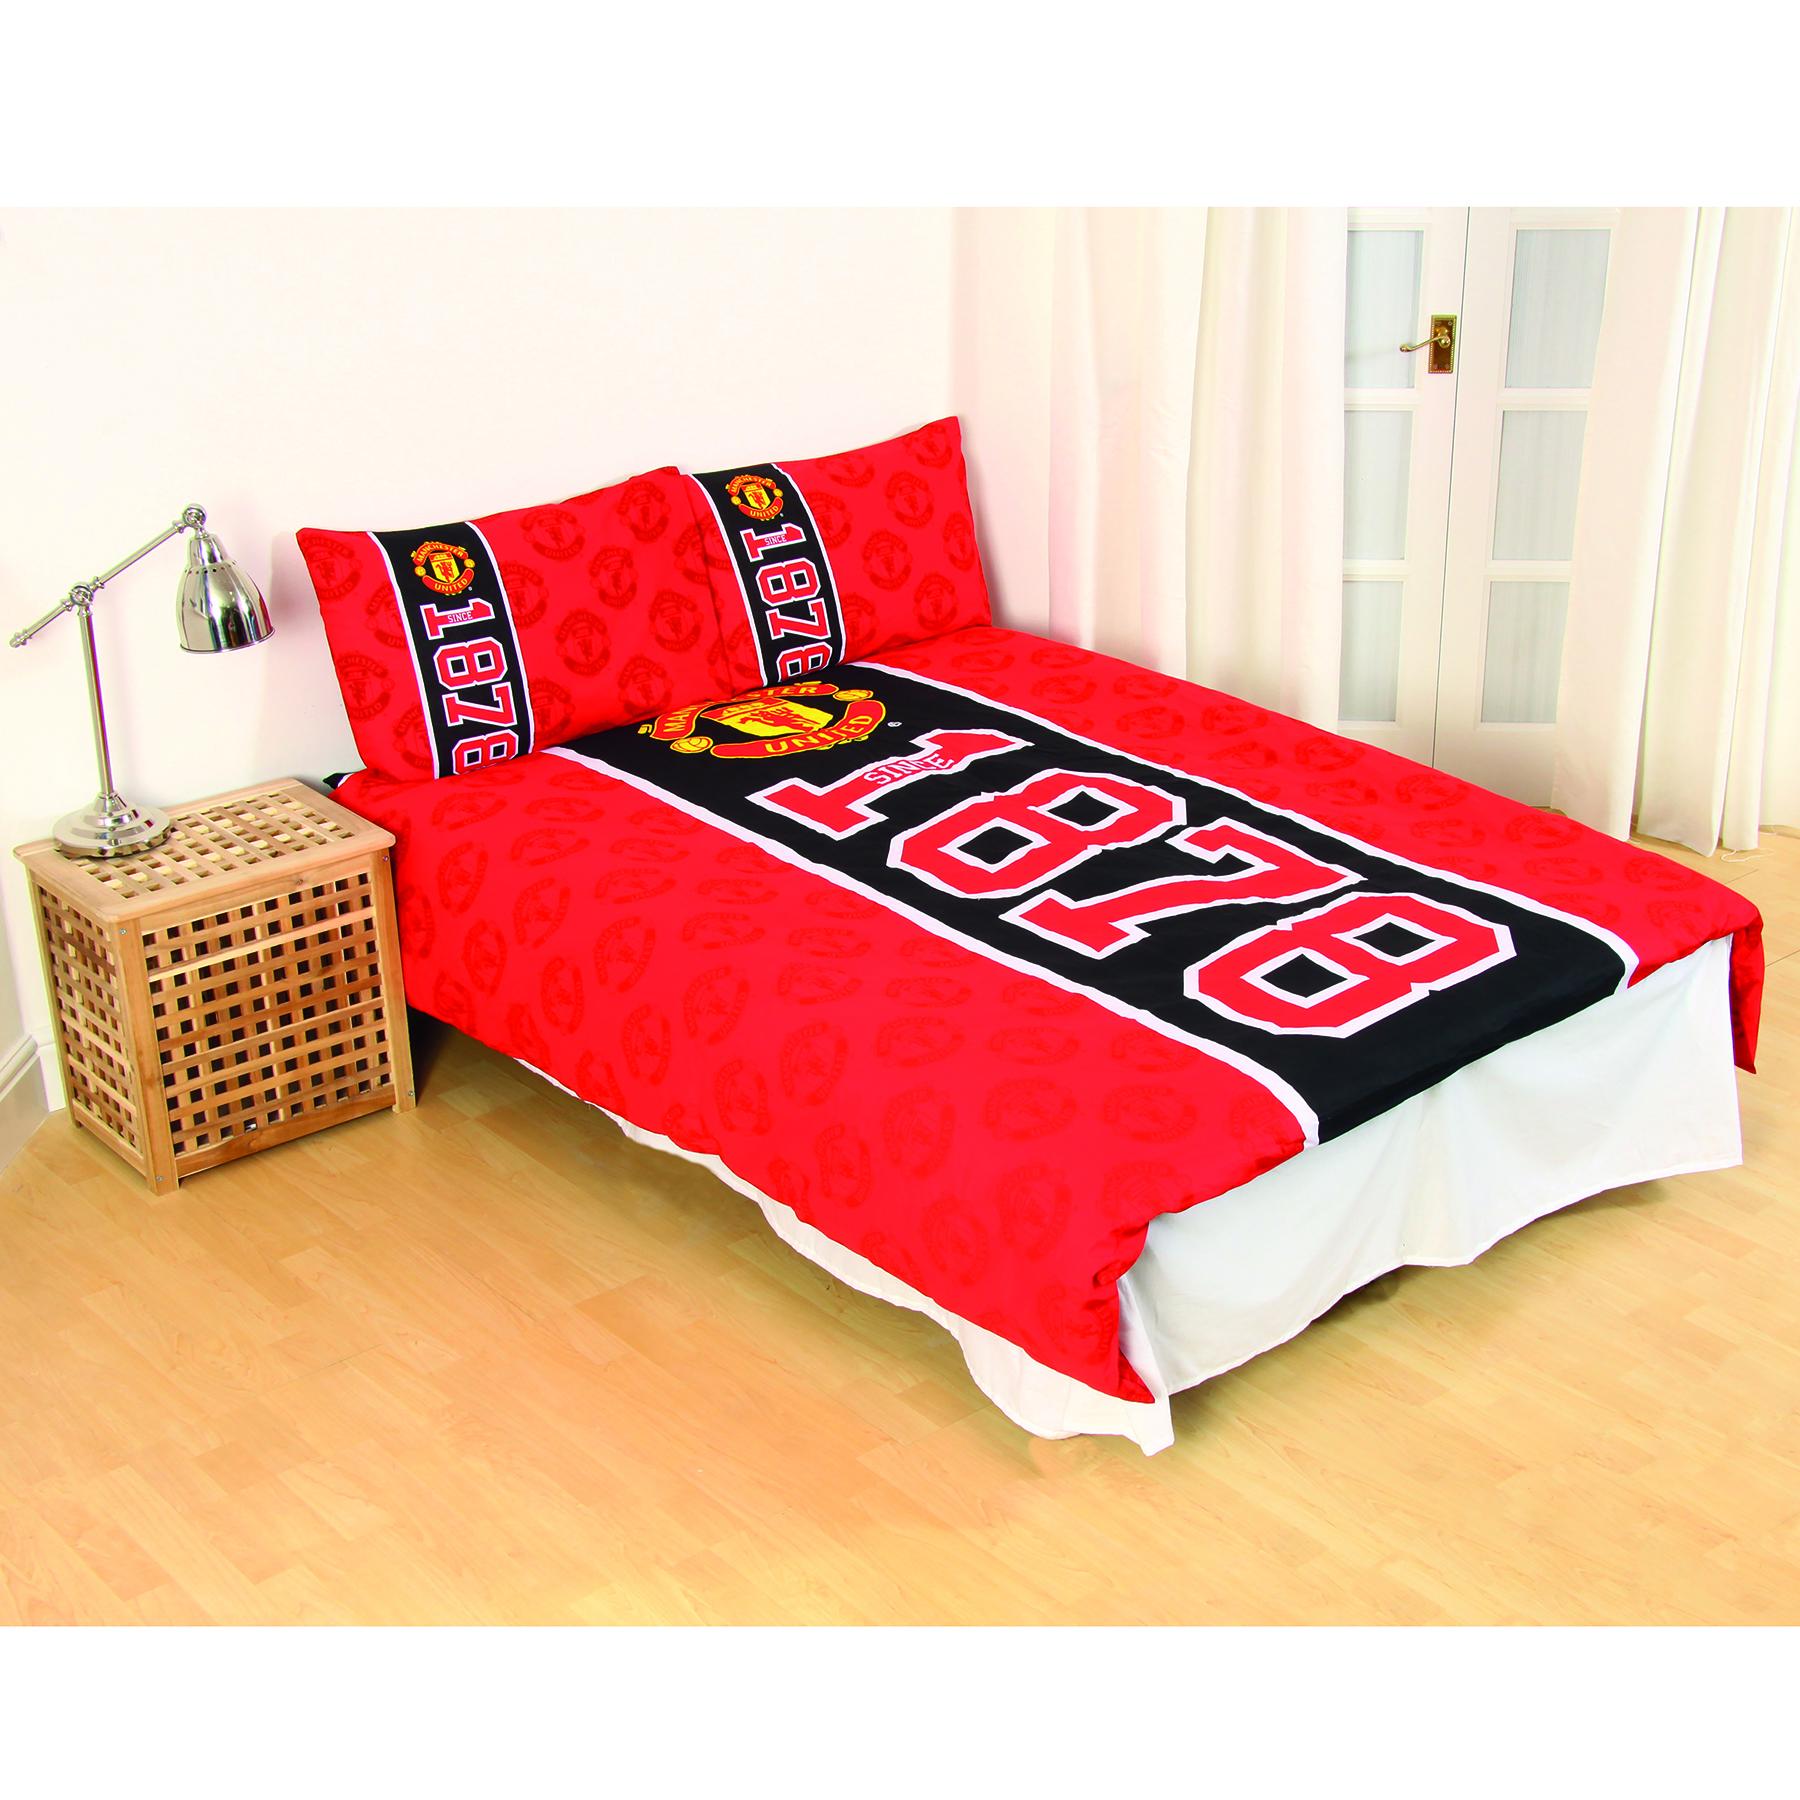 Parure de lit avec écusson Manchester United - Double